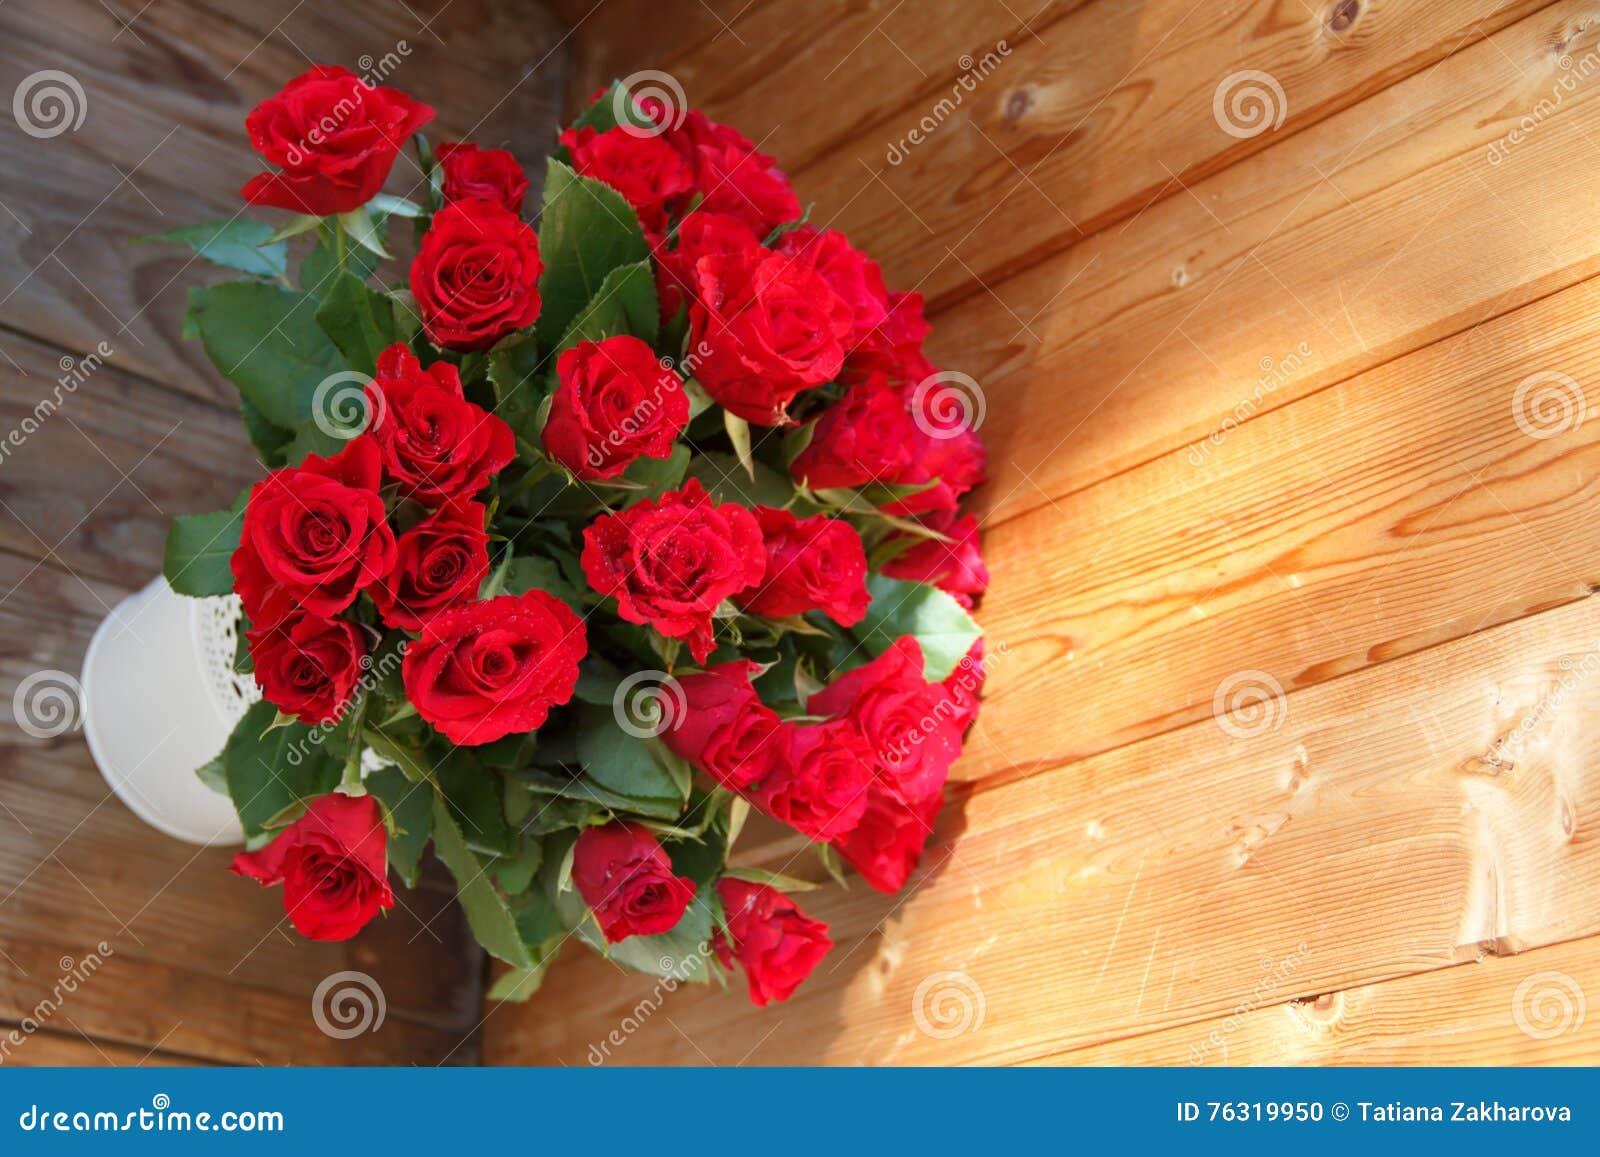 O ramalhete de rosas vermelhas em um vaso